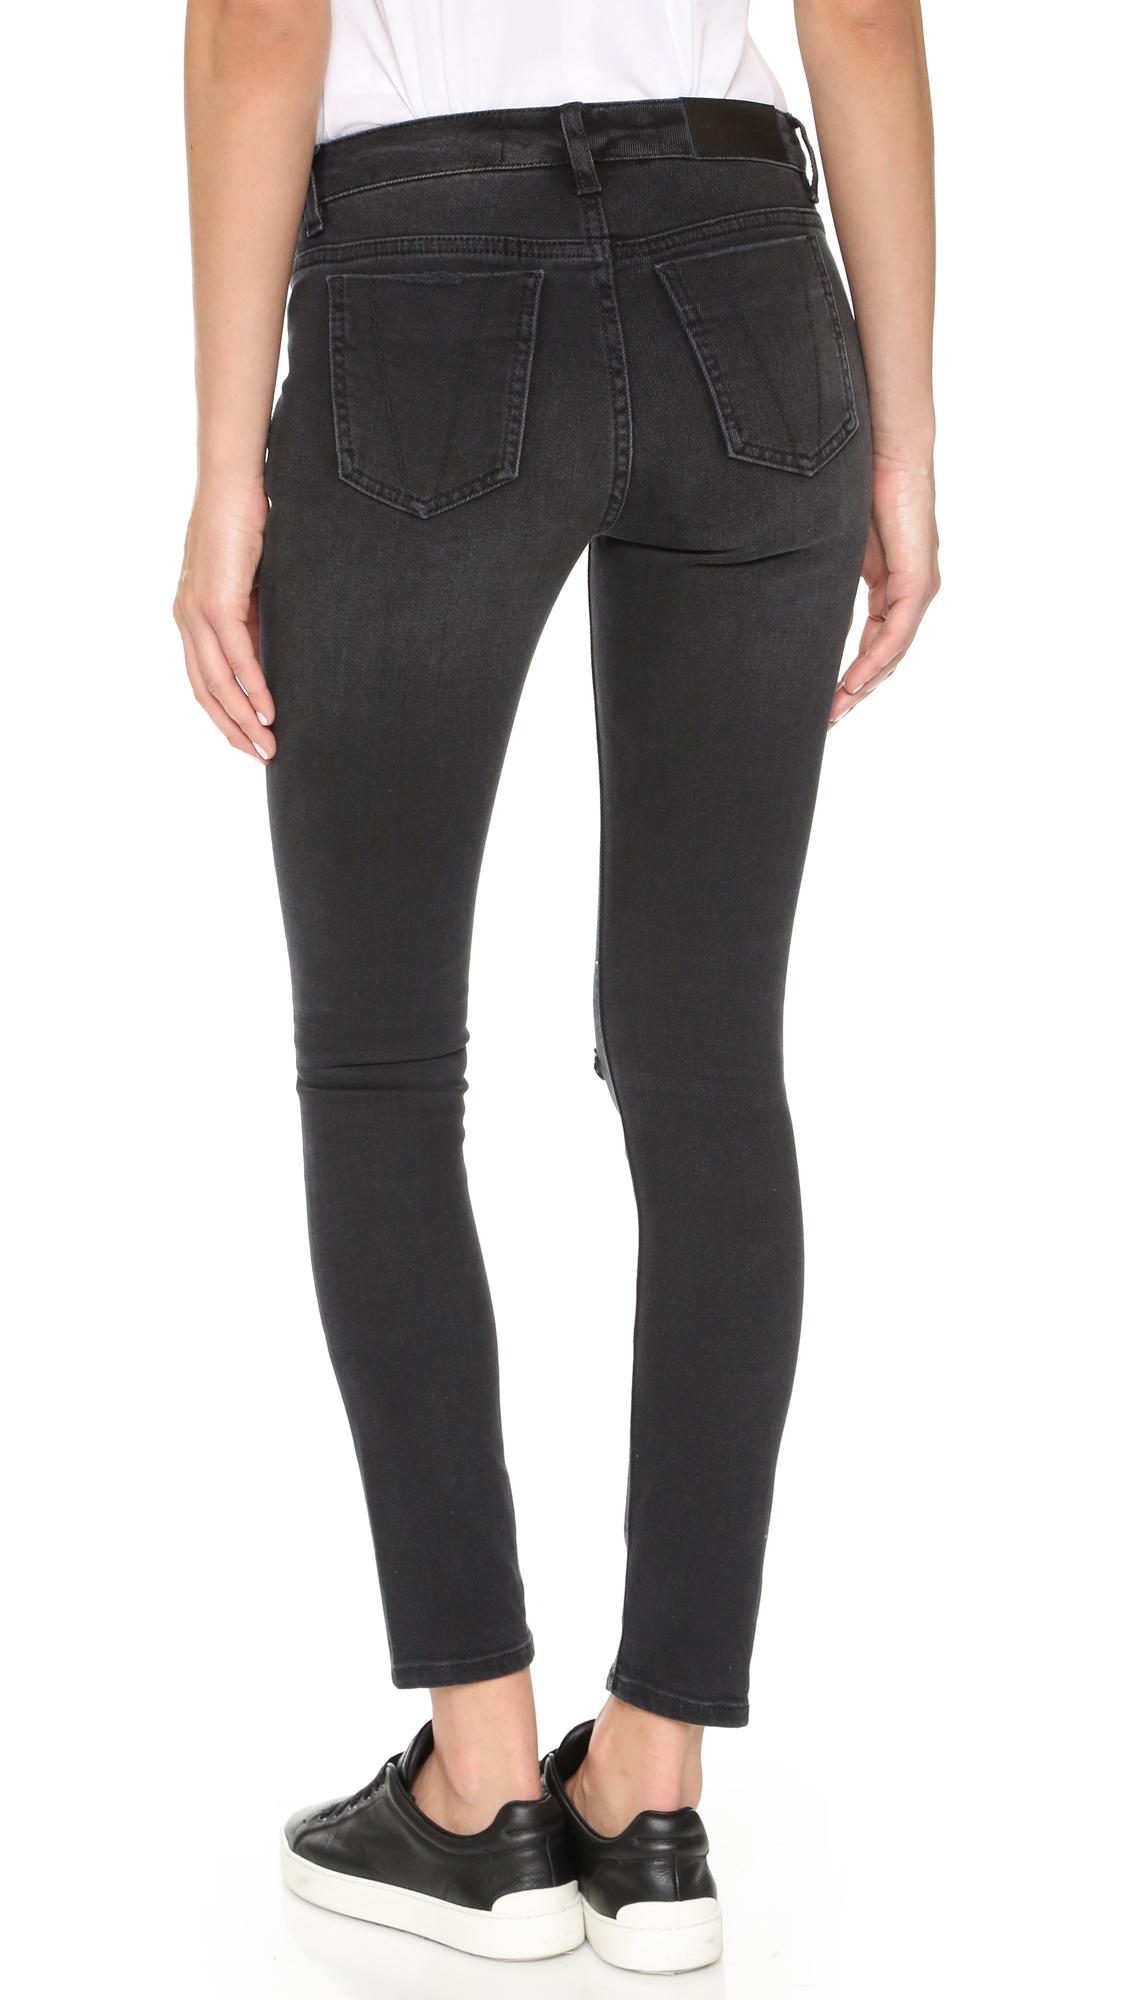 victoria victoria beckham ankle slim jeans in black lyst. Black Bedroom Furniture Sets. Home Design Ideas